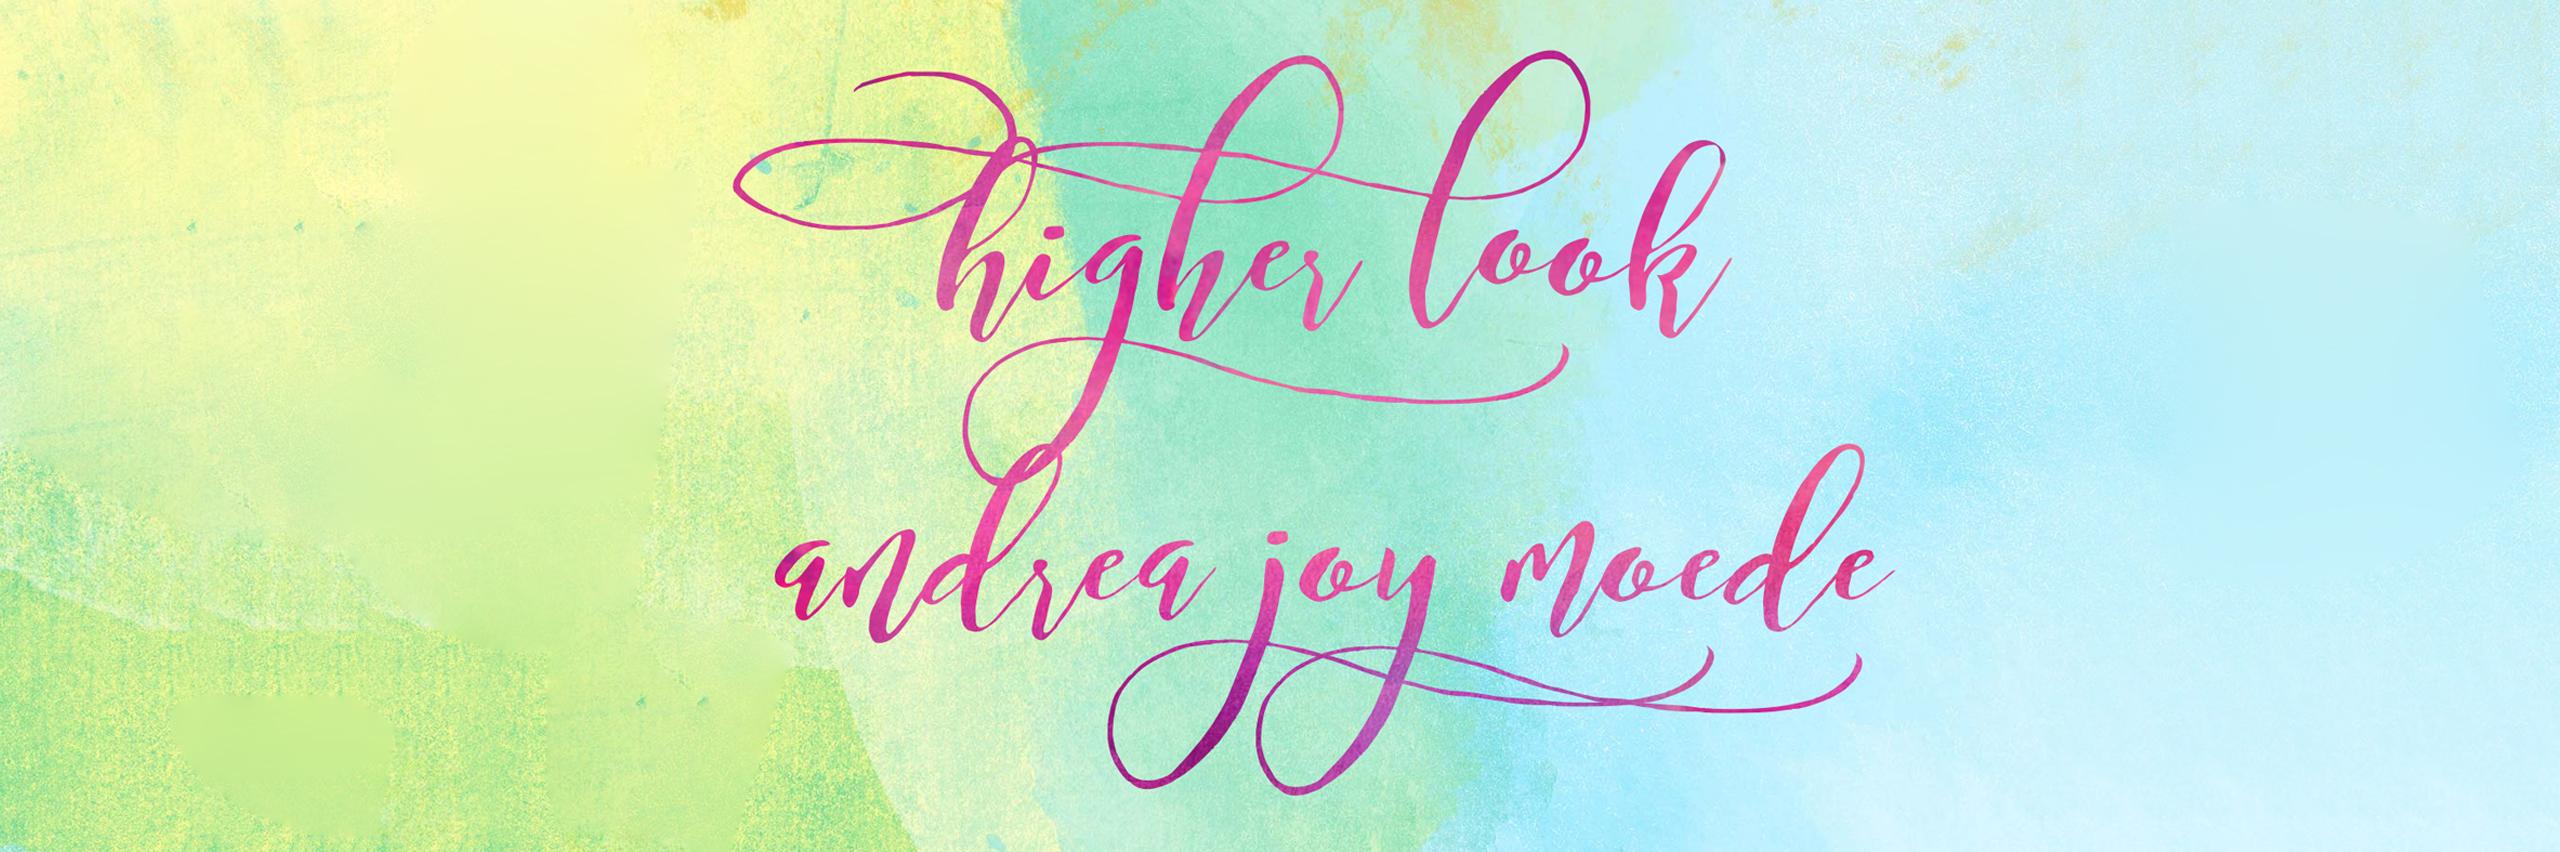 AndreaJoy-header2